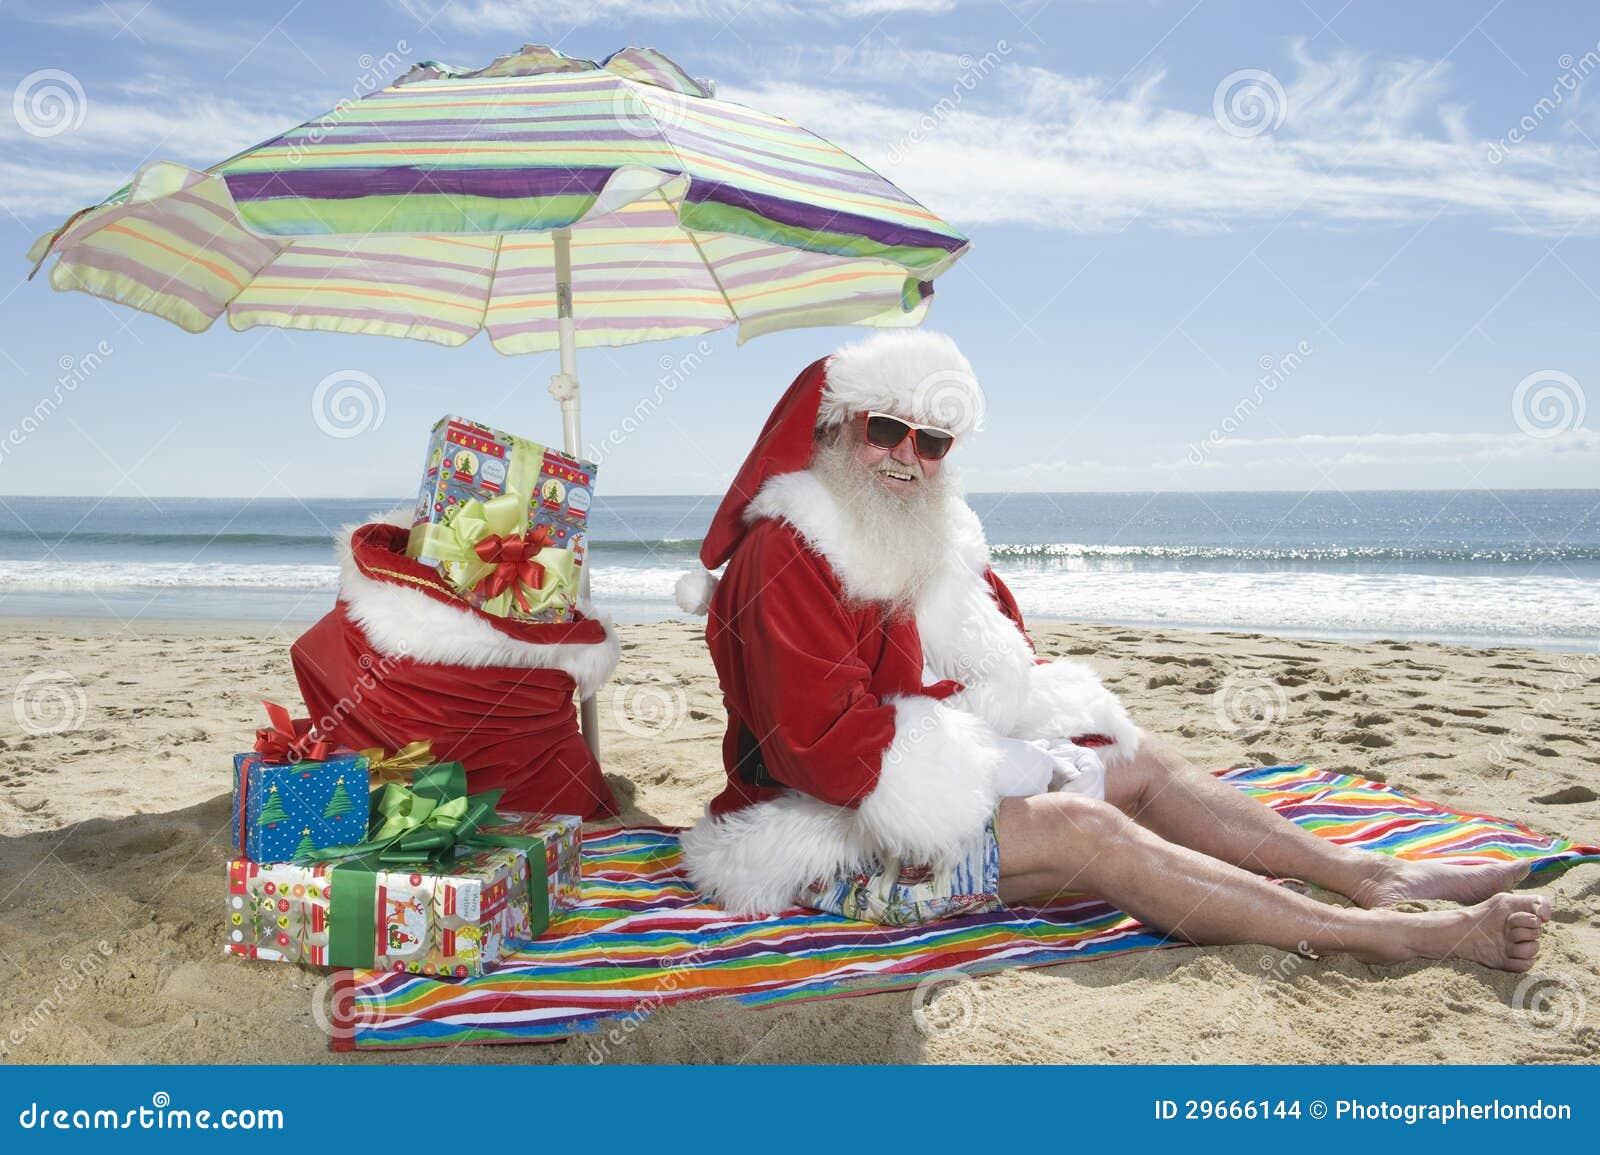 Regali di Santa Claus Sitting Under Parasol With sulla spiaggia